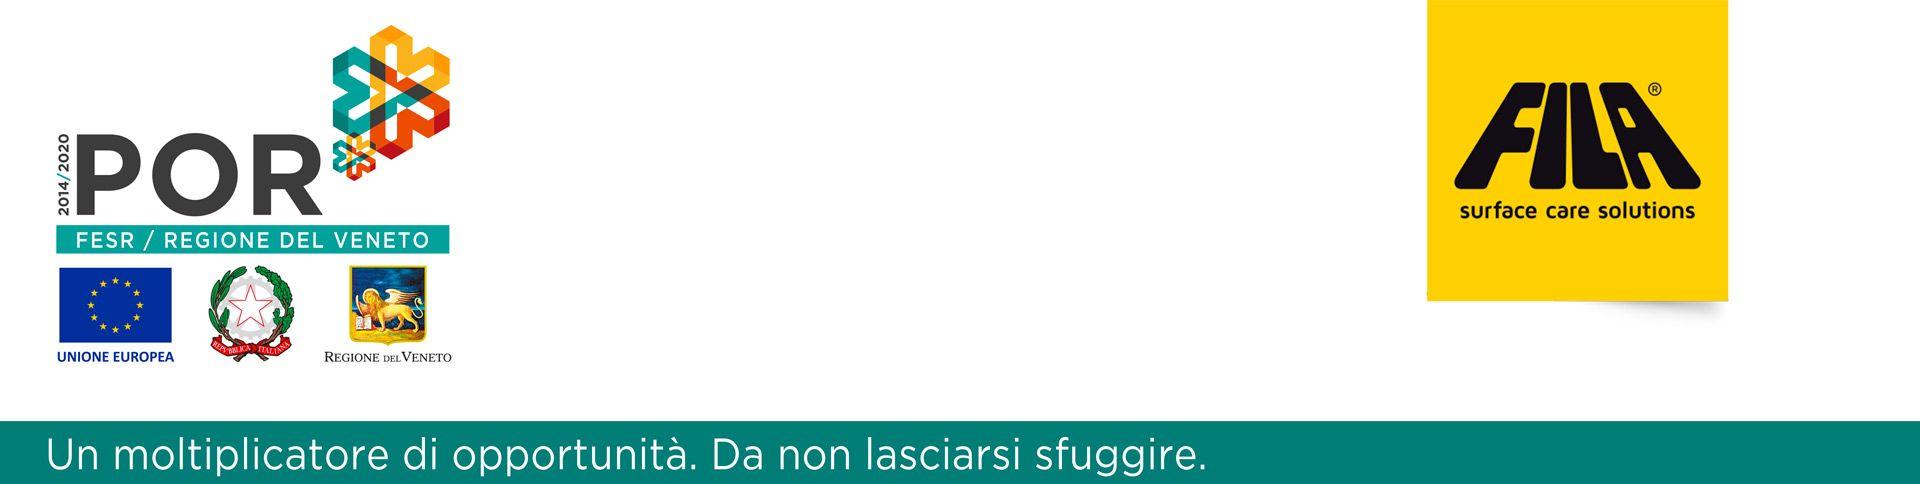 POR FESR Veneto 2014-2020